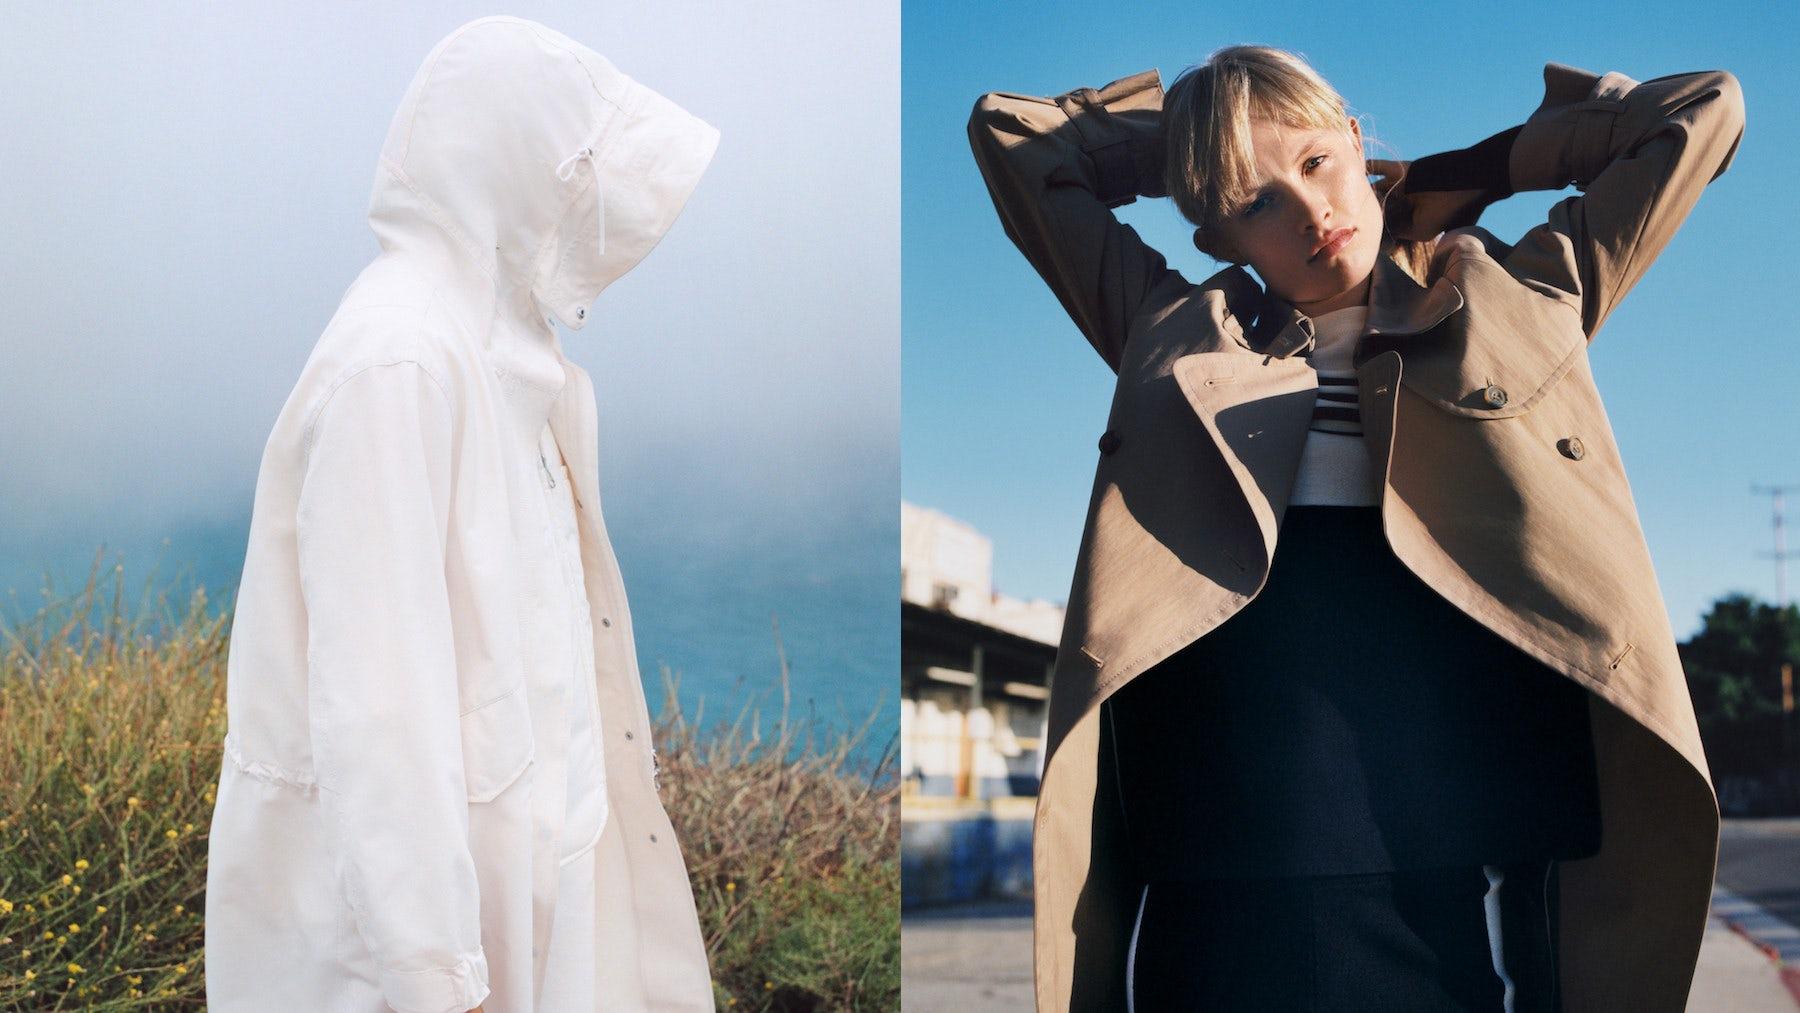 Arket Autumn/Winter 2017 womenswear campaign | Source: Courtesy